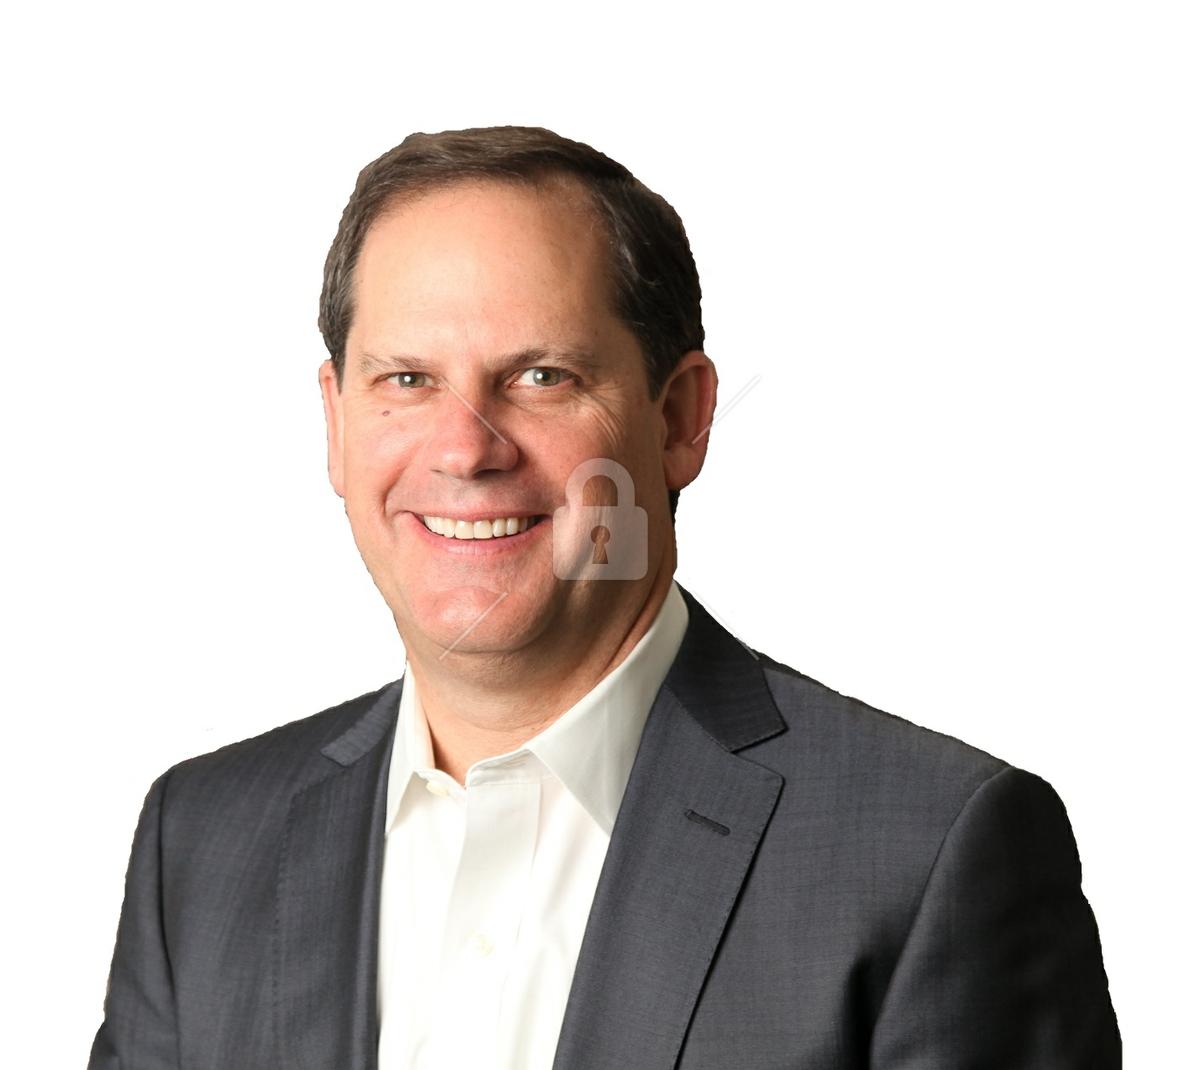 Tony Weisman